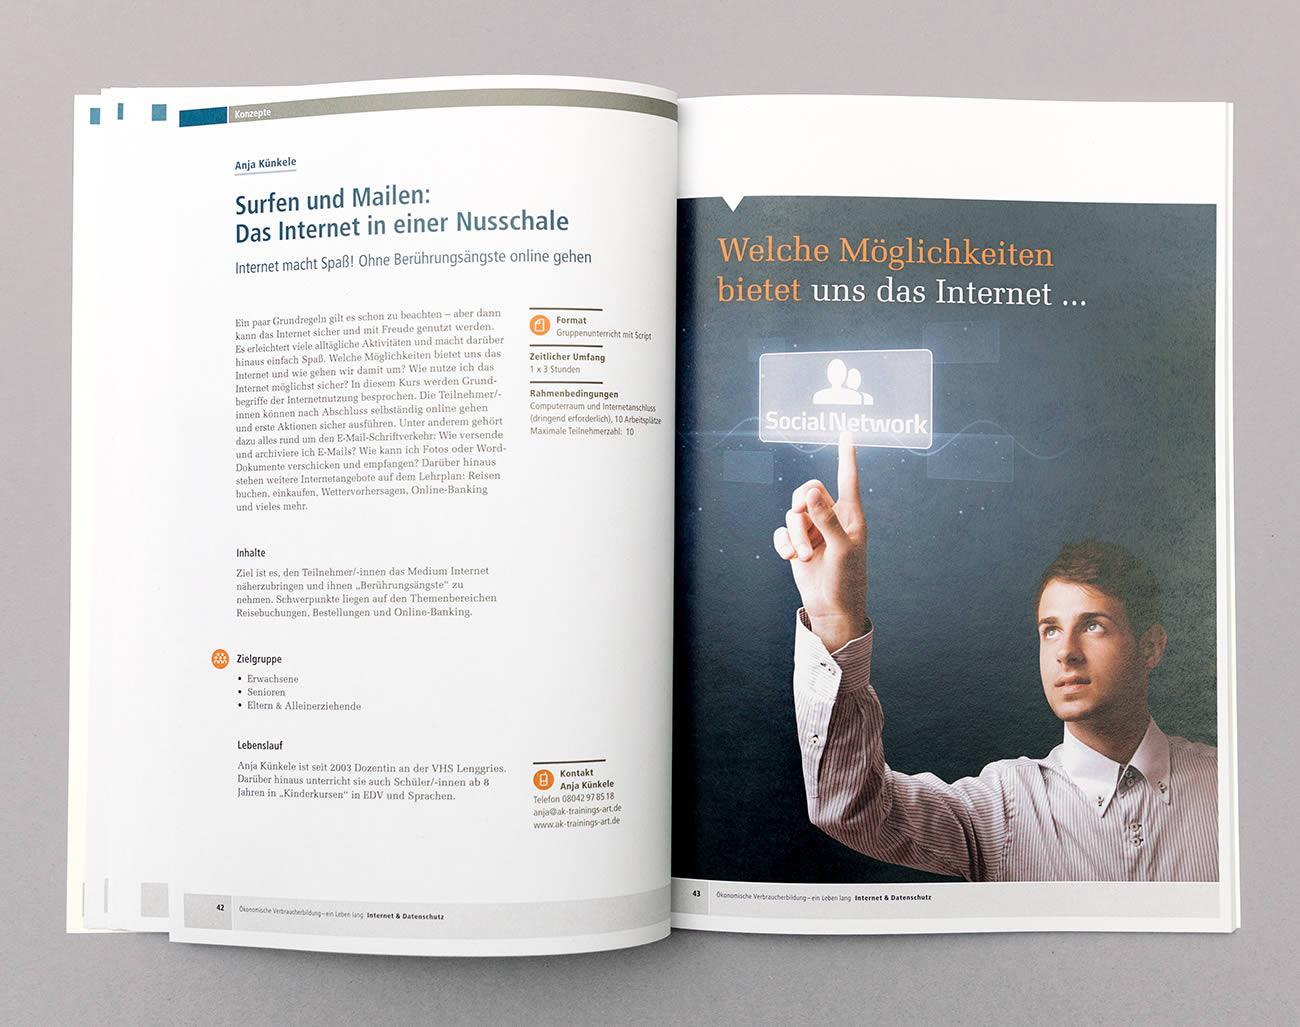 Petra Zimmerer, Büro für Gestaltung, Editorial, Datenschutz, Bayerisches Staatsministerium für Verbraucherschutz, Broschüre